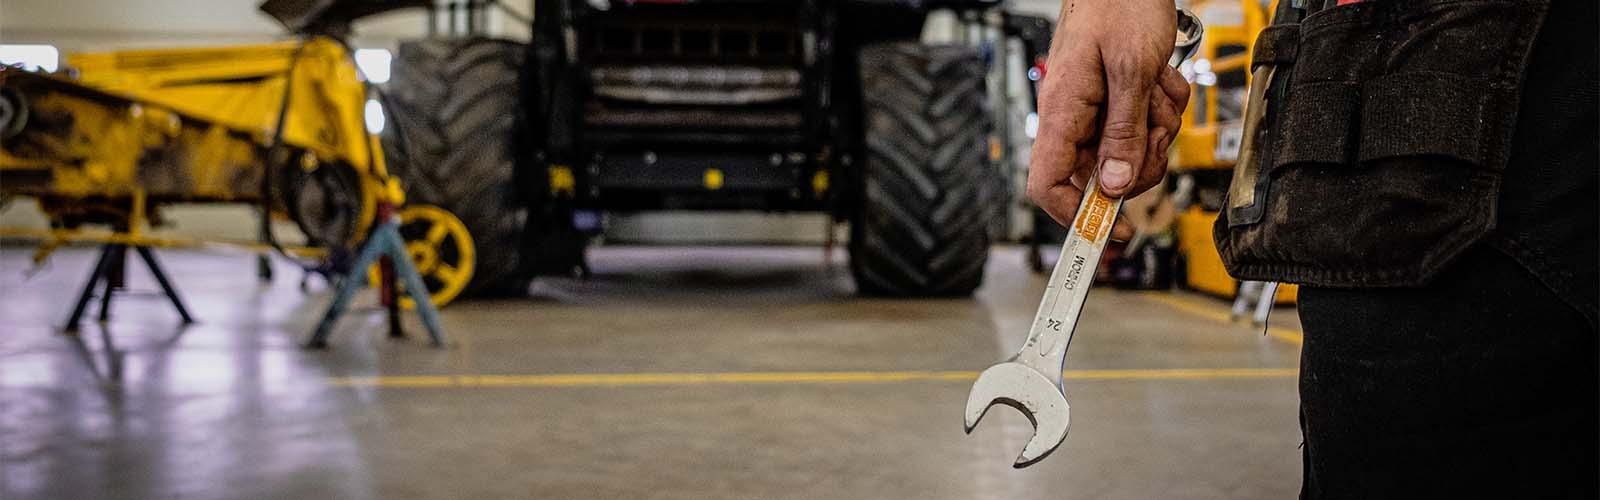 Vinterserva din traktor, maskin eller tröska